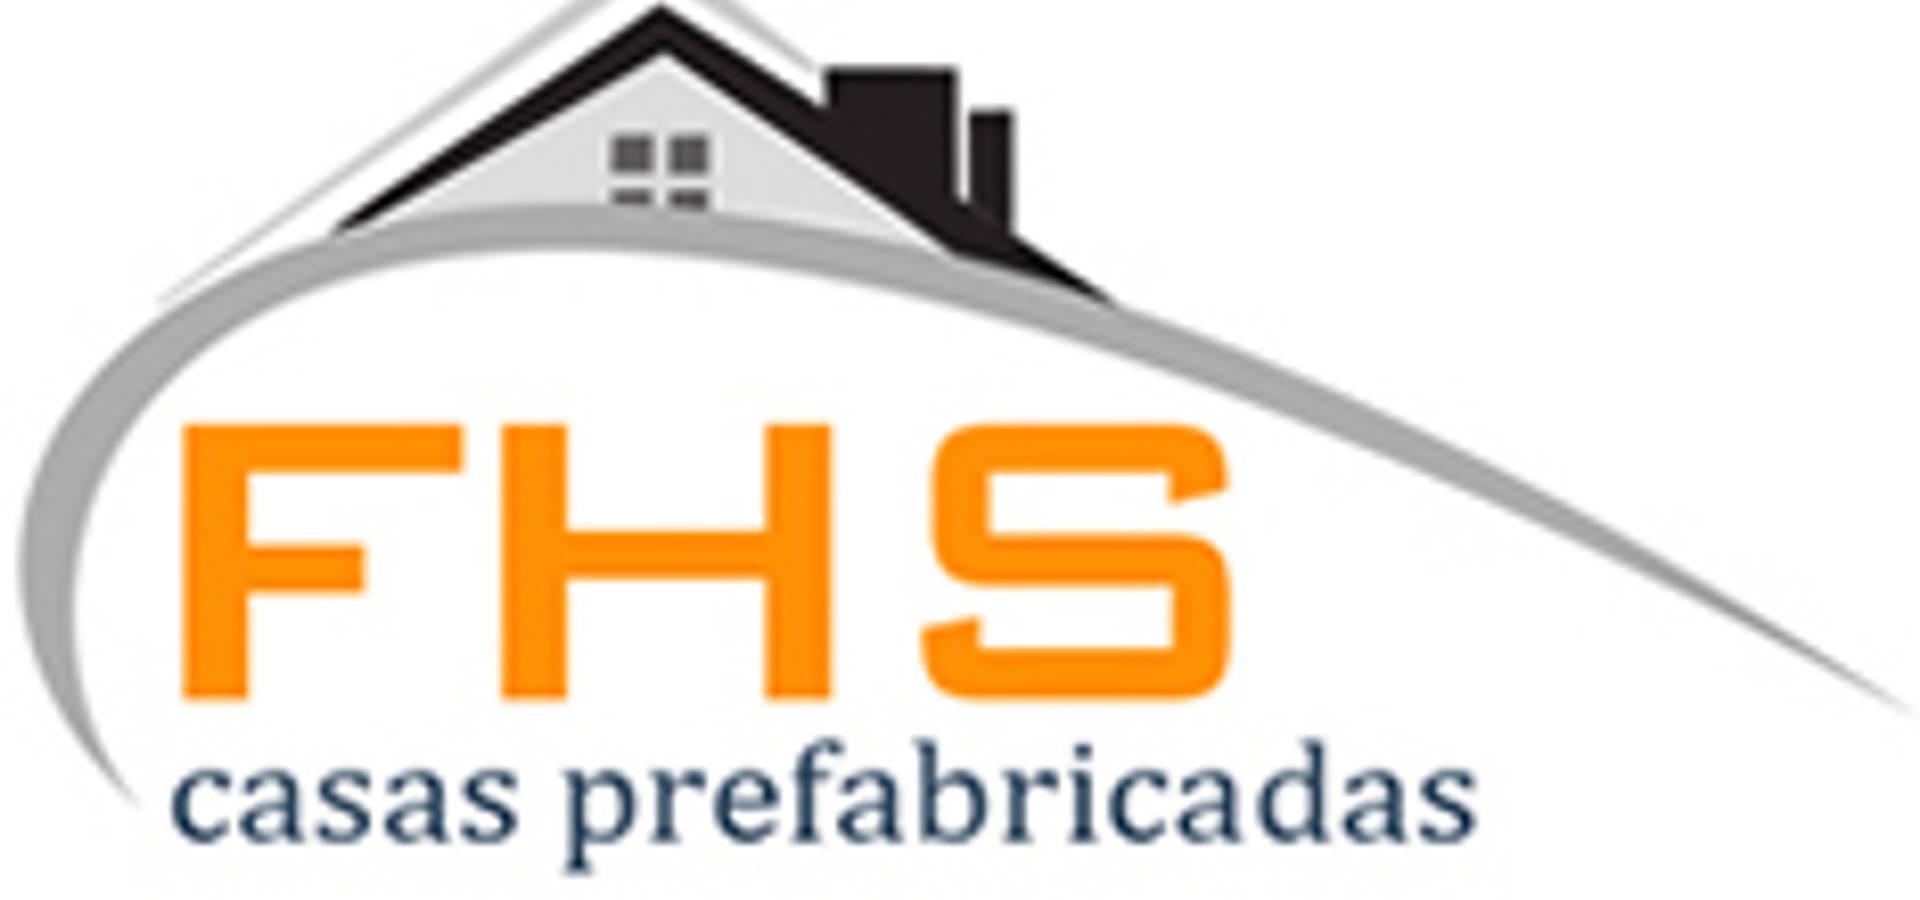 Descripci n del proyecto albert g1 de fhs casas - Opiniones sobre casas prefabricadas ...